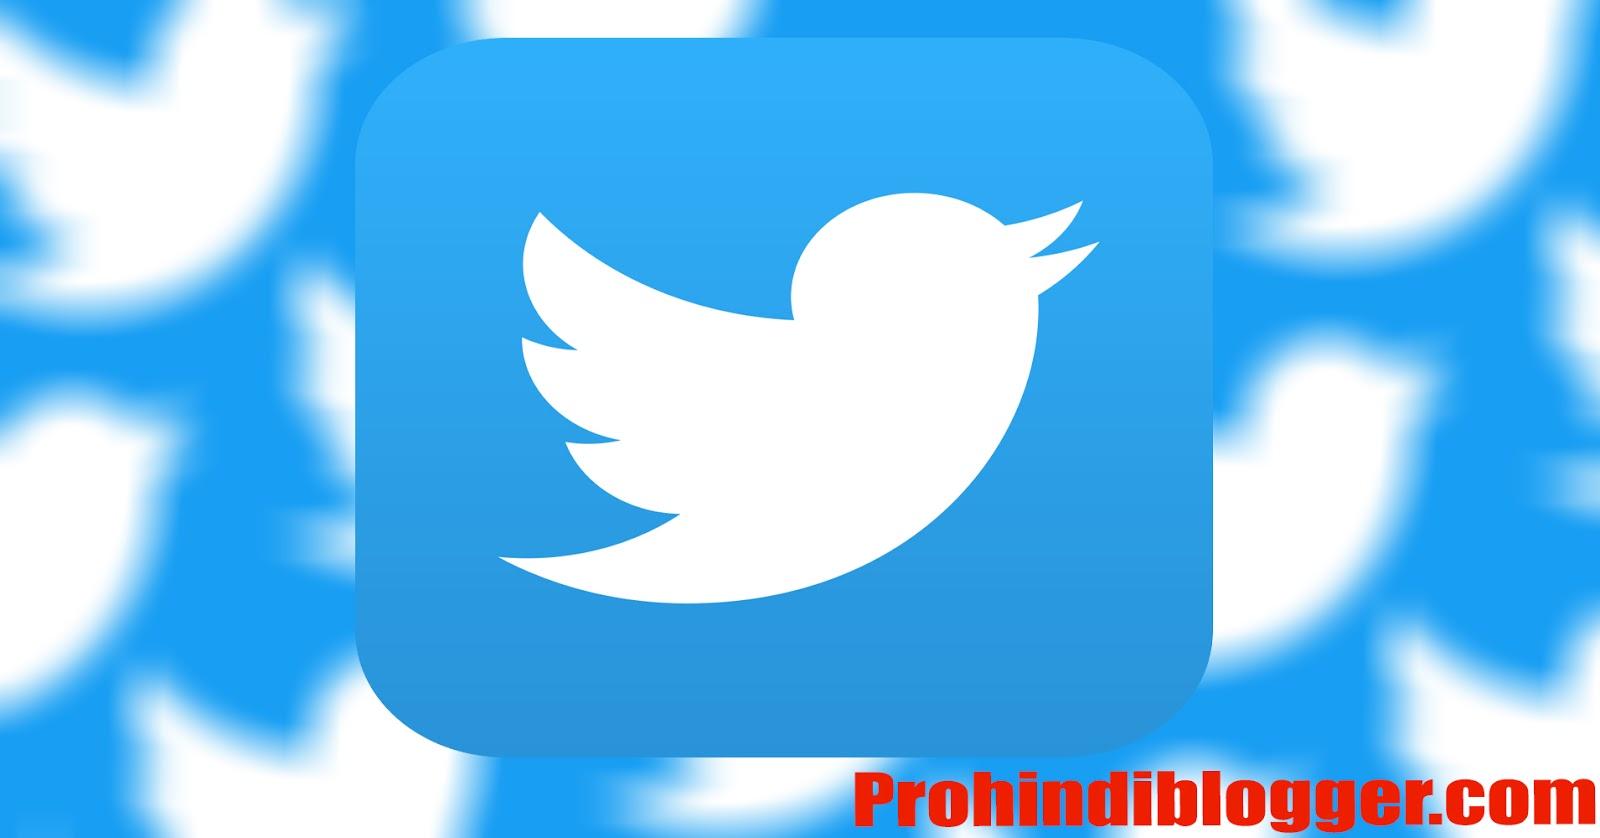 Twitter Kya Hai ट्विटर अकाउंट कैसे बनाये - Twitter in Hindi